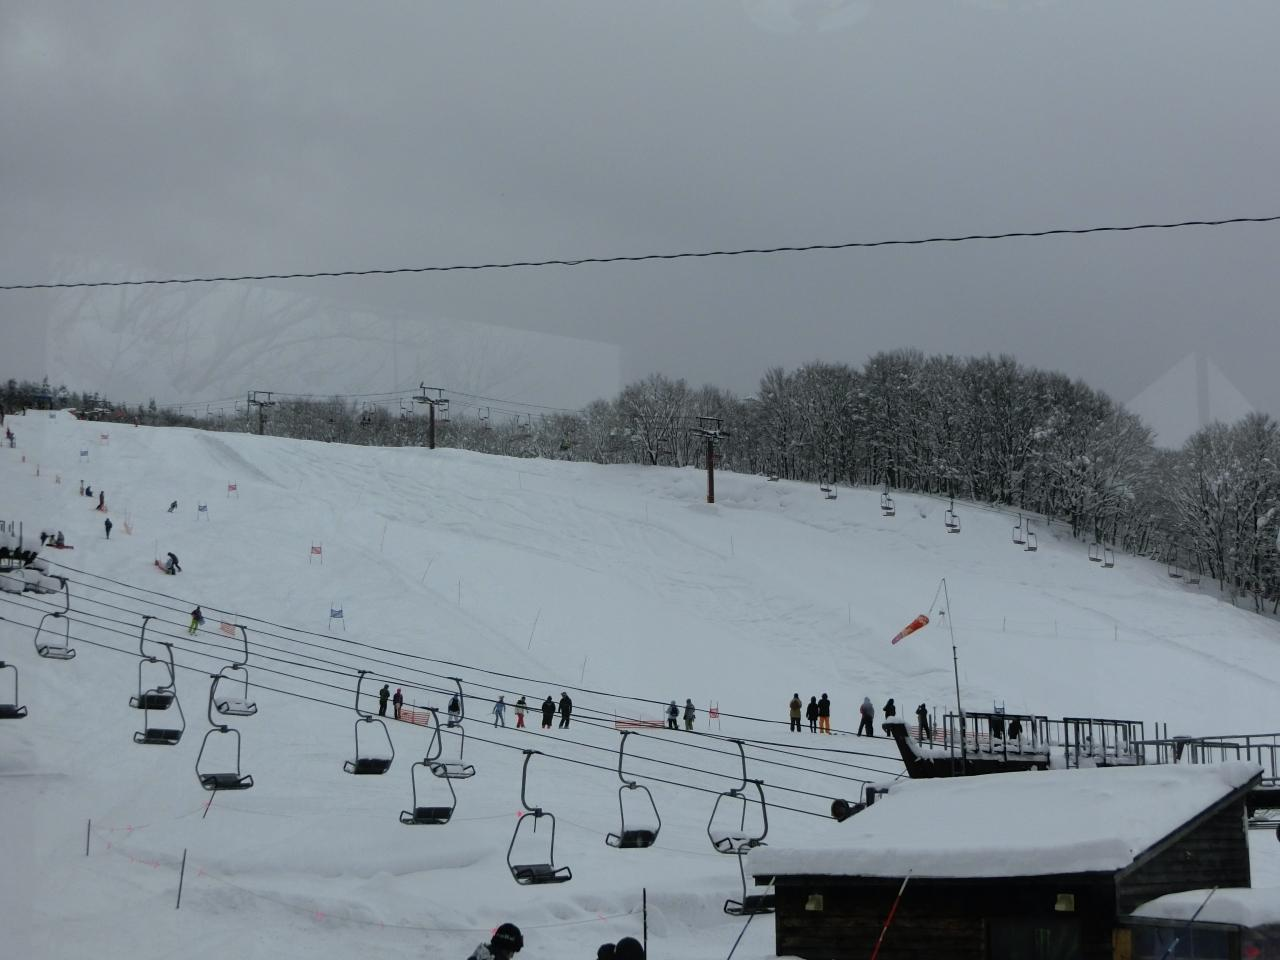 スキー 湯殿 場 山 関西・兵庫県でスノボー・スキーを楽しむハチ・ハチ北スキー場のサイト